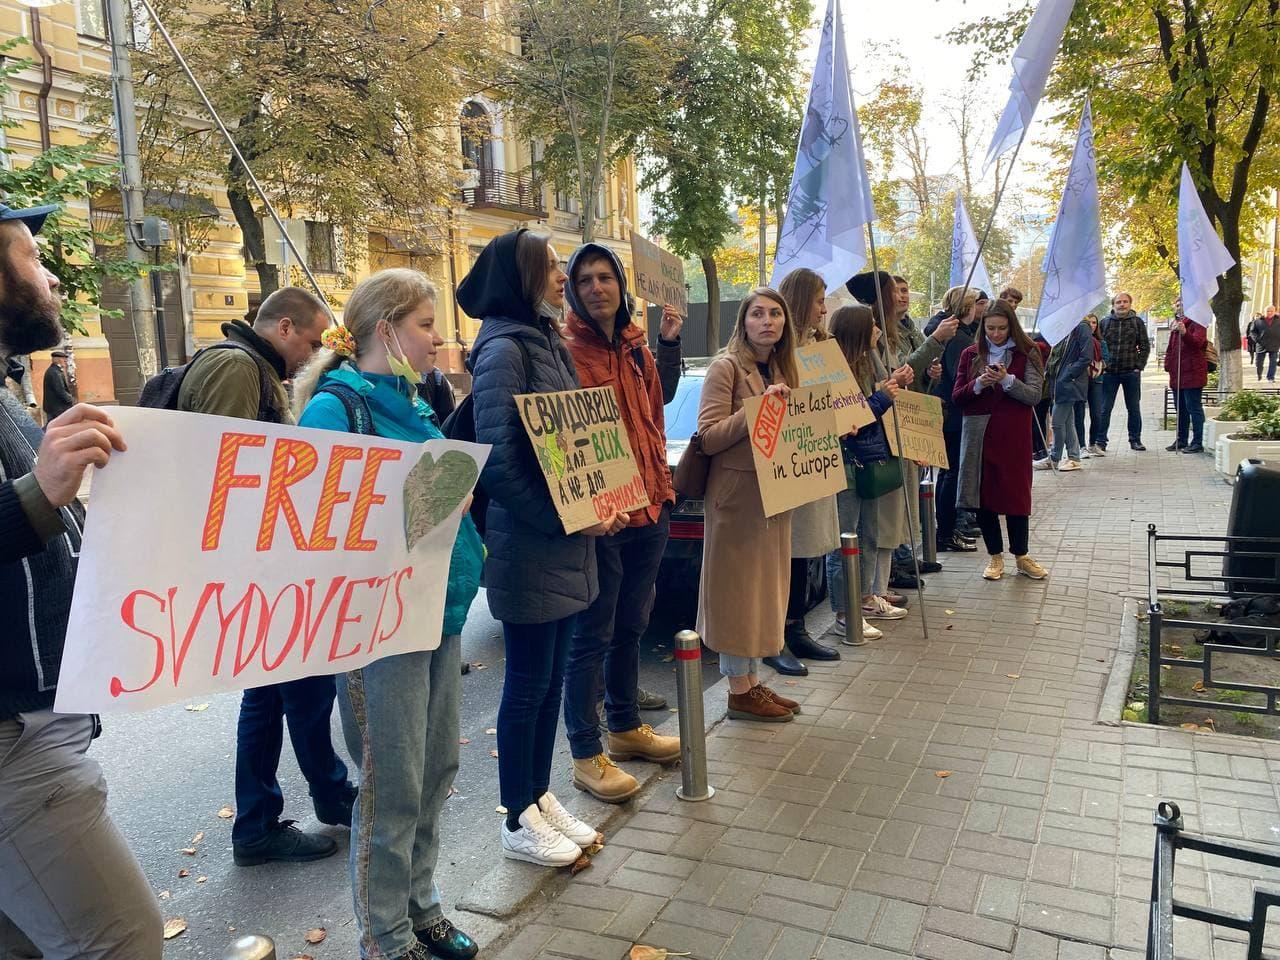 Хребет Свидовець: економічне зростання чи збереження екології у Карпатах?